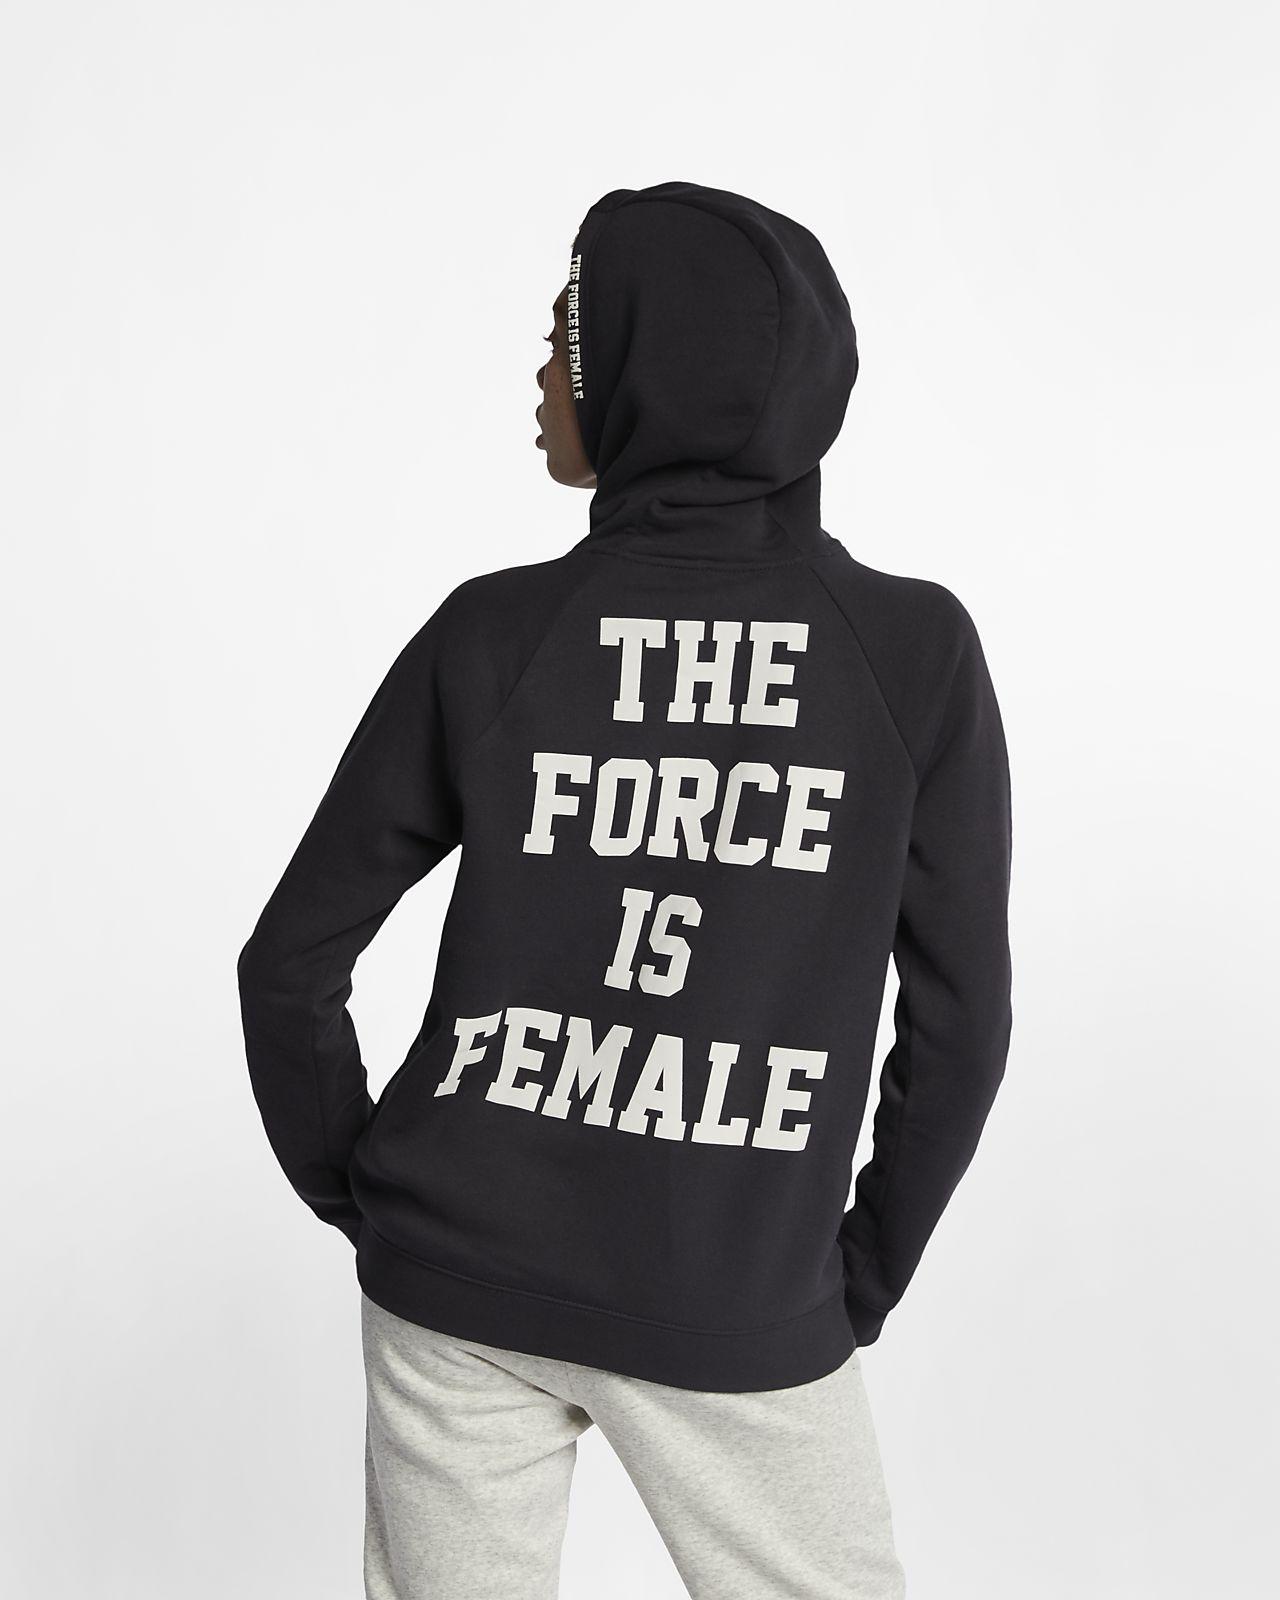 a6a7f66a8a4 Nike Sportswear Sudadera con capucha - Mujer. Nike.com ES